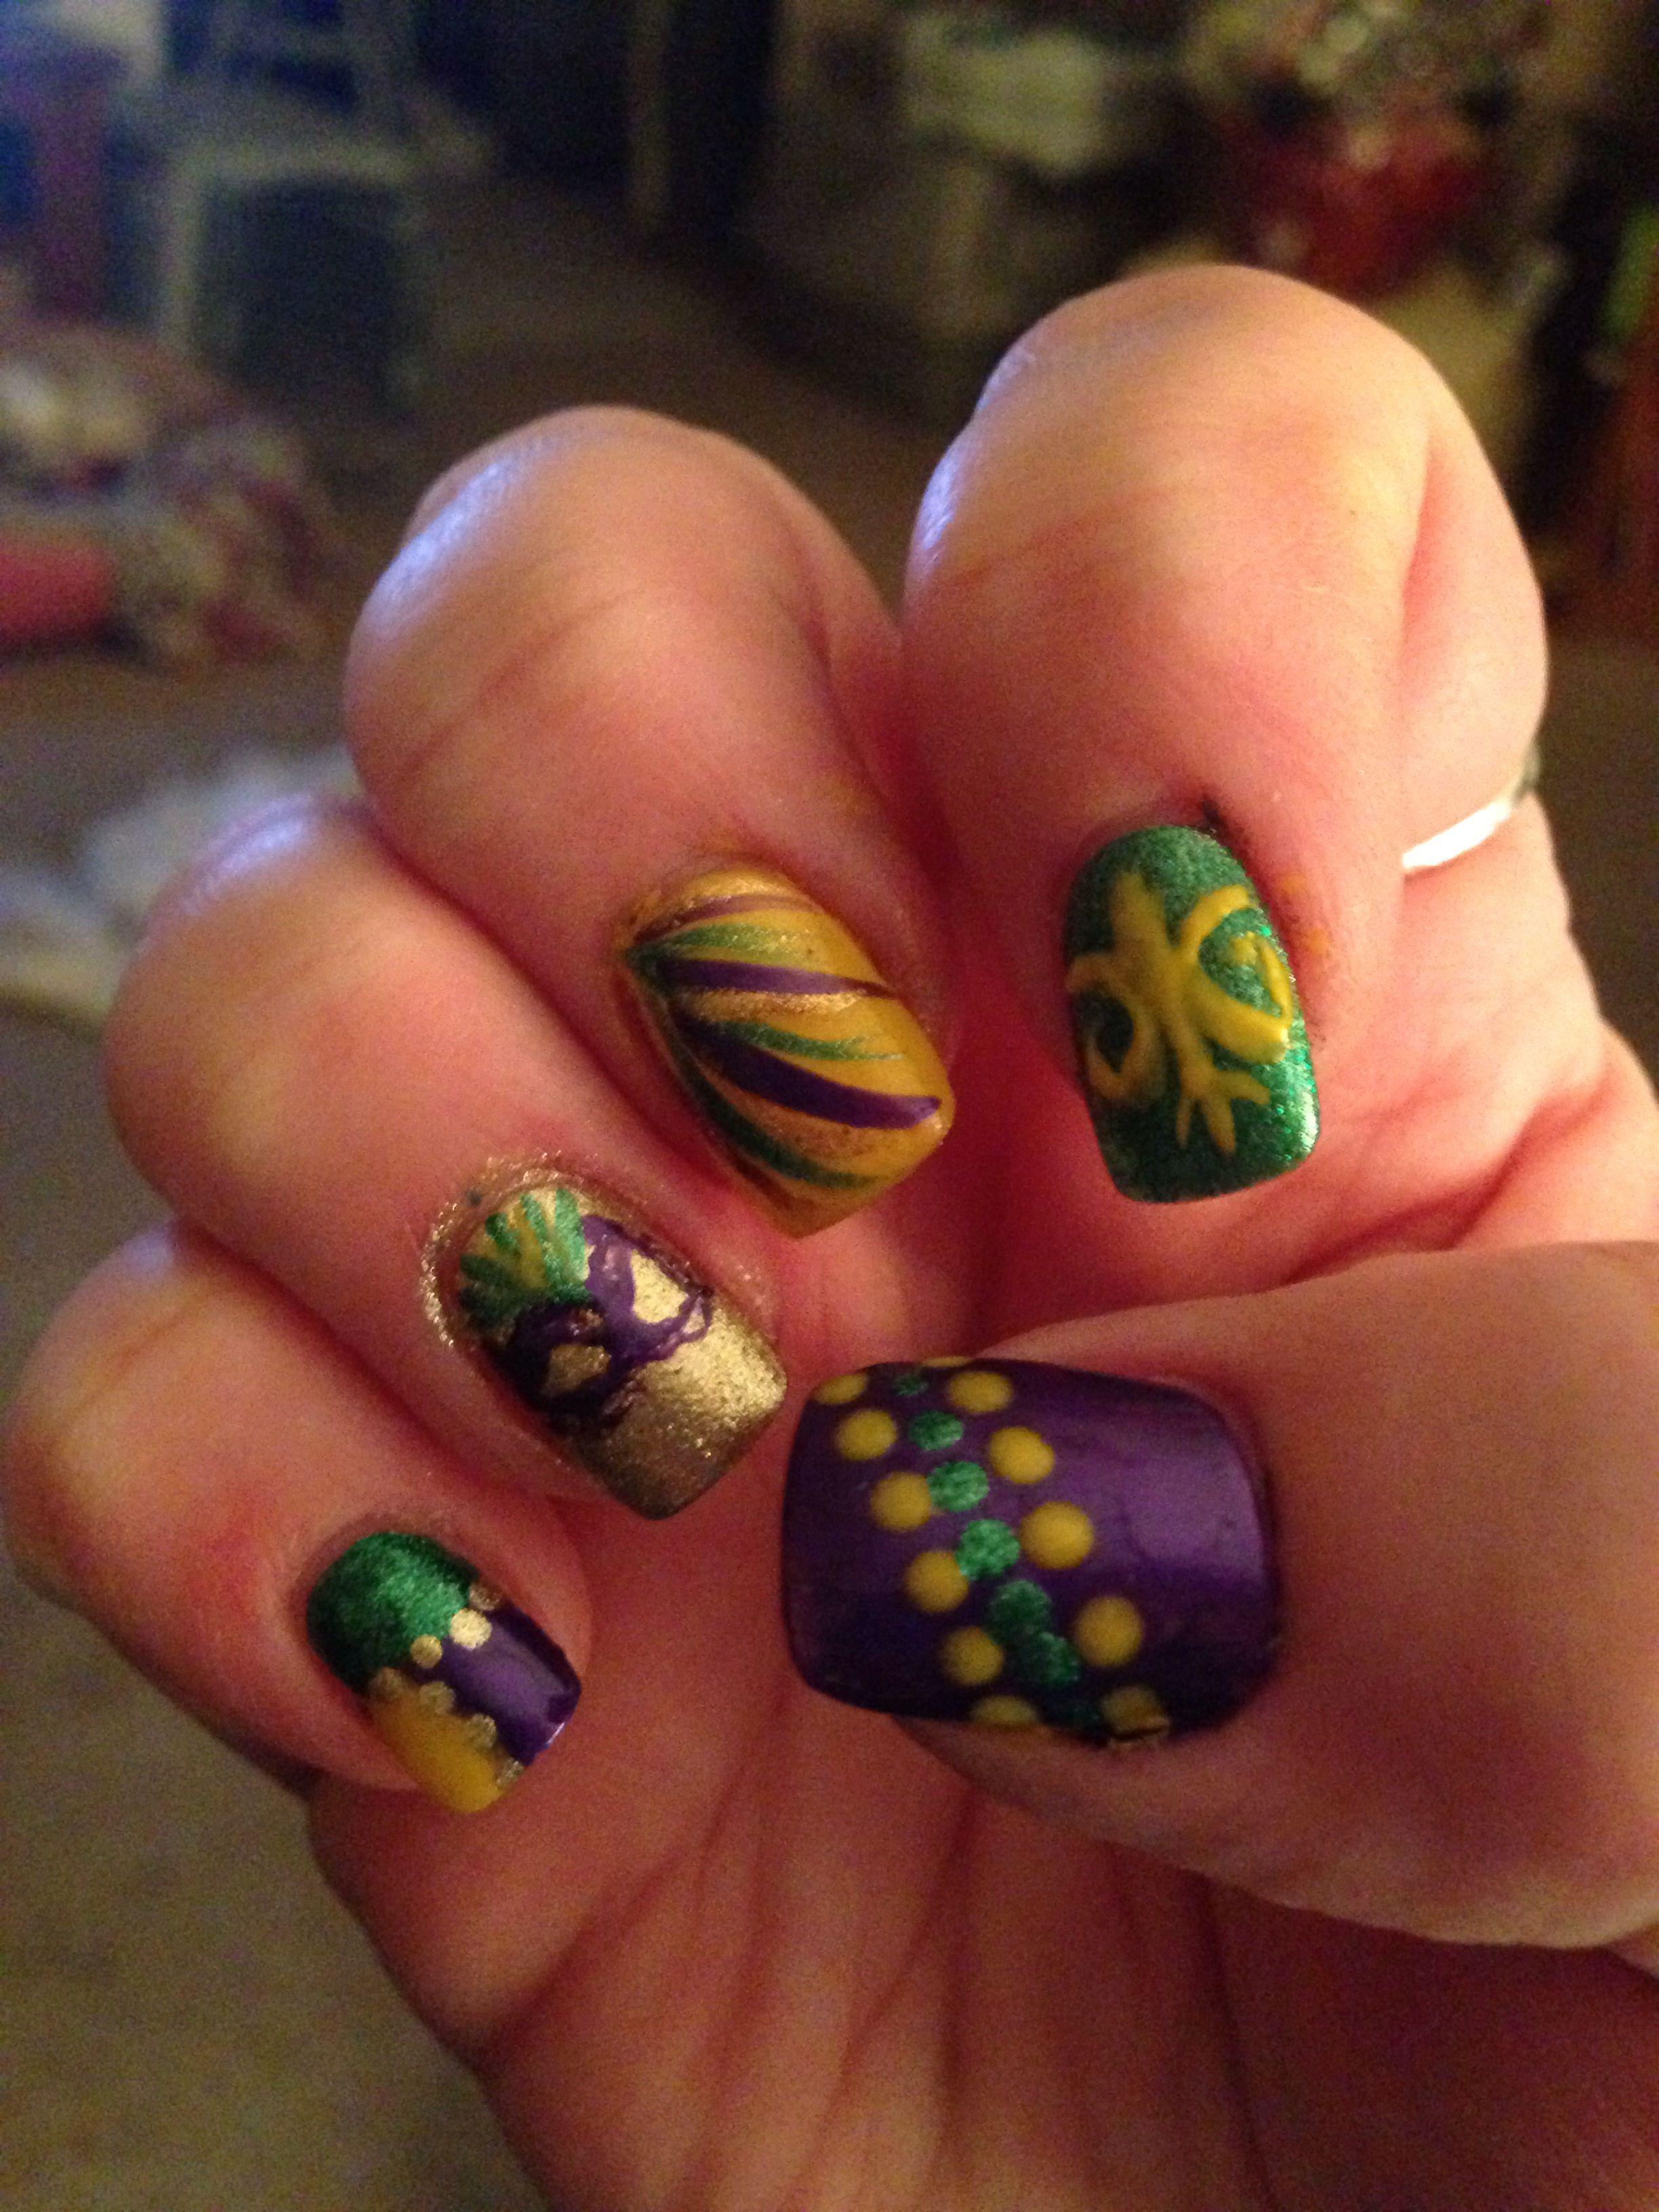 Mardi Gras nails | My nail art | Pinterest | Mardi gras, Nail nail ...